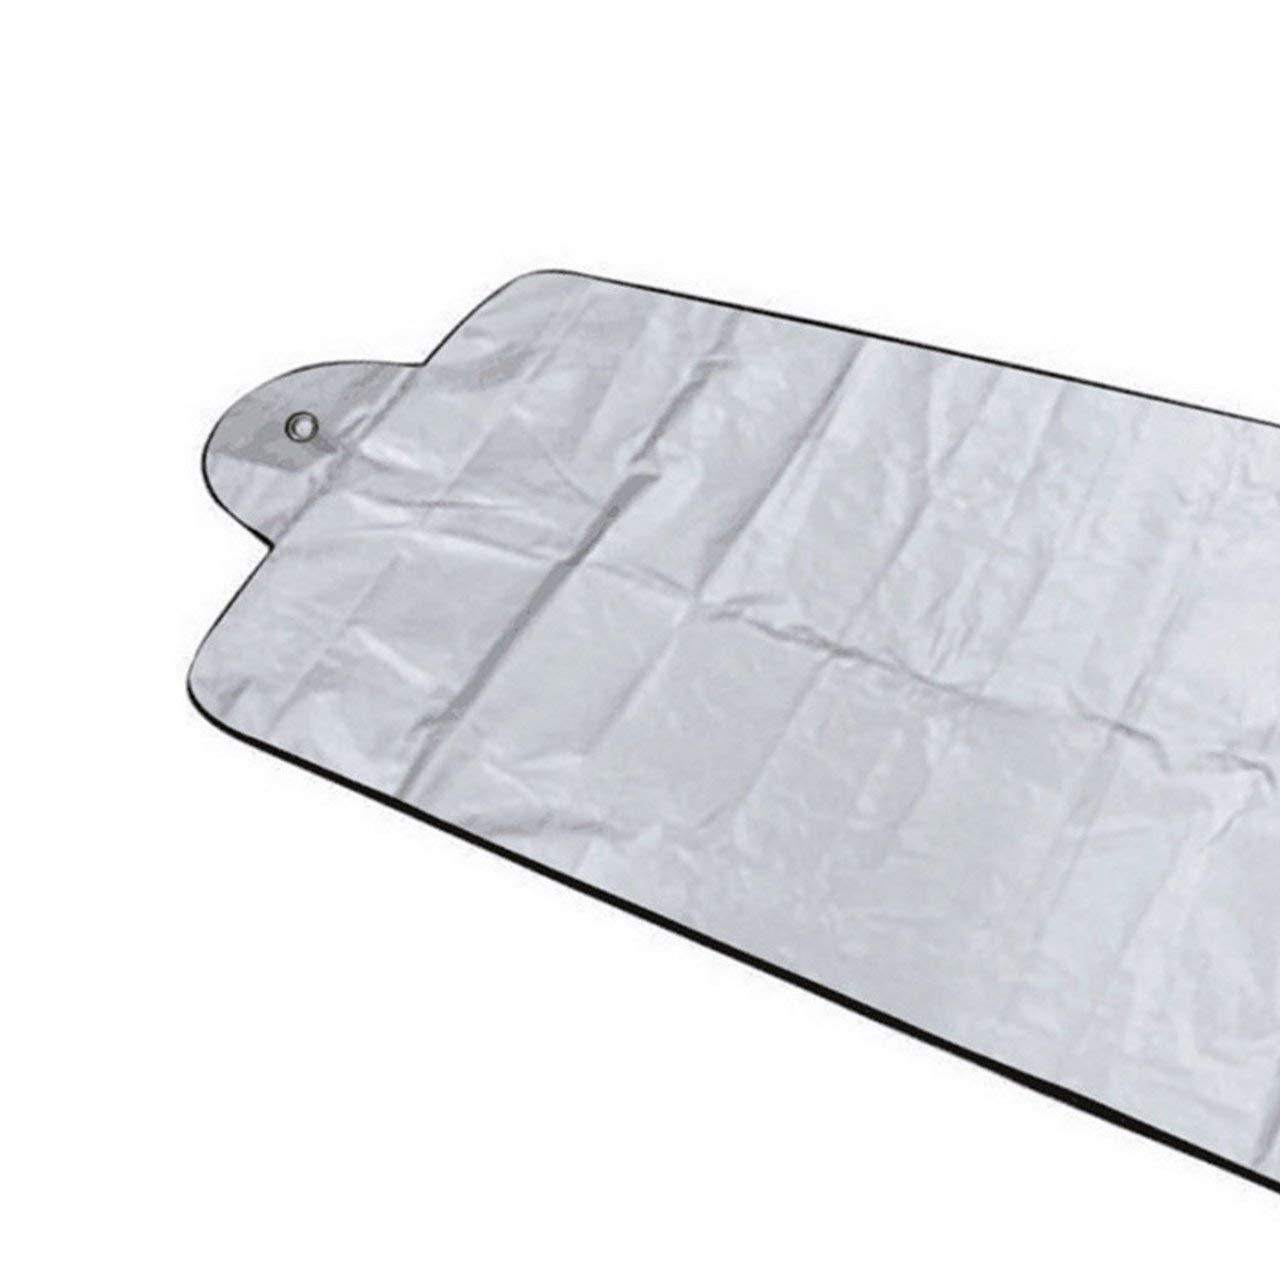 Pare-Brise de Voiture Couverture UV prot/éger Anti-Glace Neige Bouclier de Givre Protection Contre la poussi/ère Pare-Soleil pour Pare-Brise de Voiture Jasnyfall Black